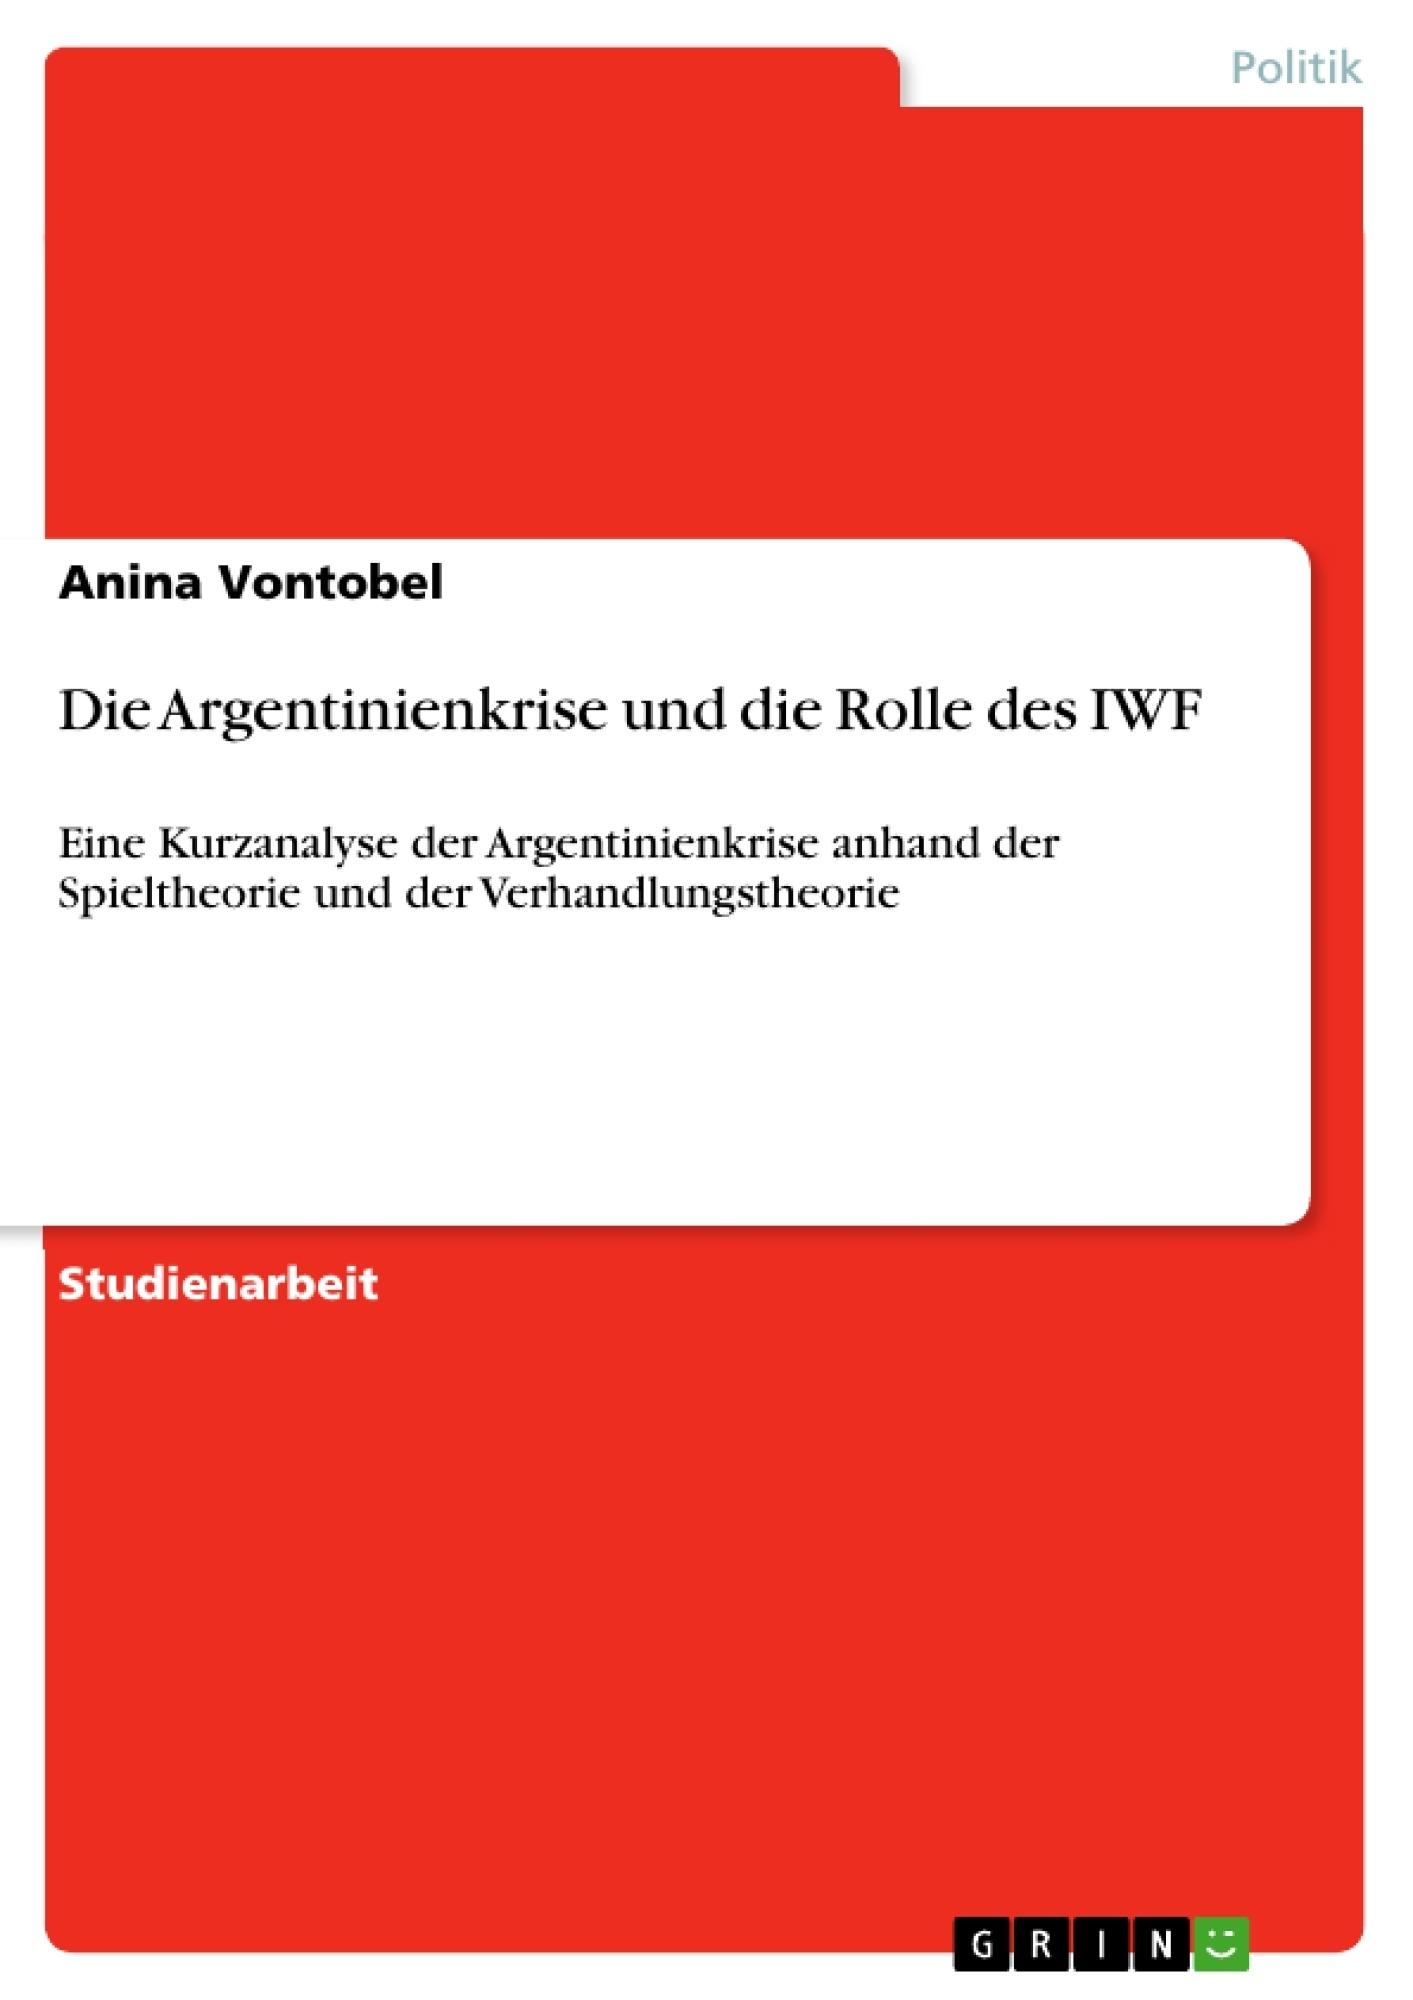 Titel: Die Argentinienkrise und die Rolle des IWF